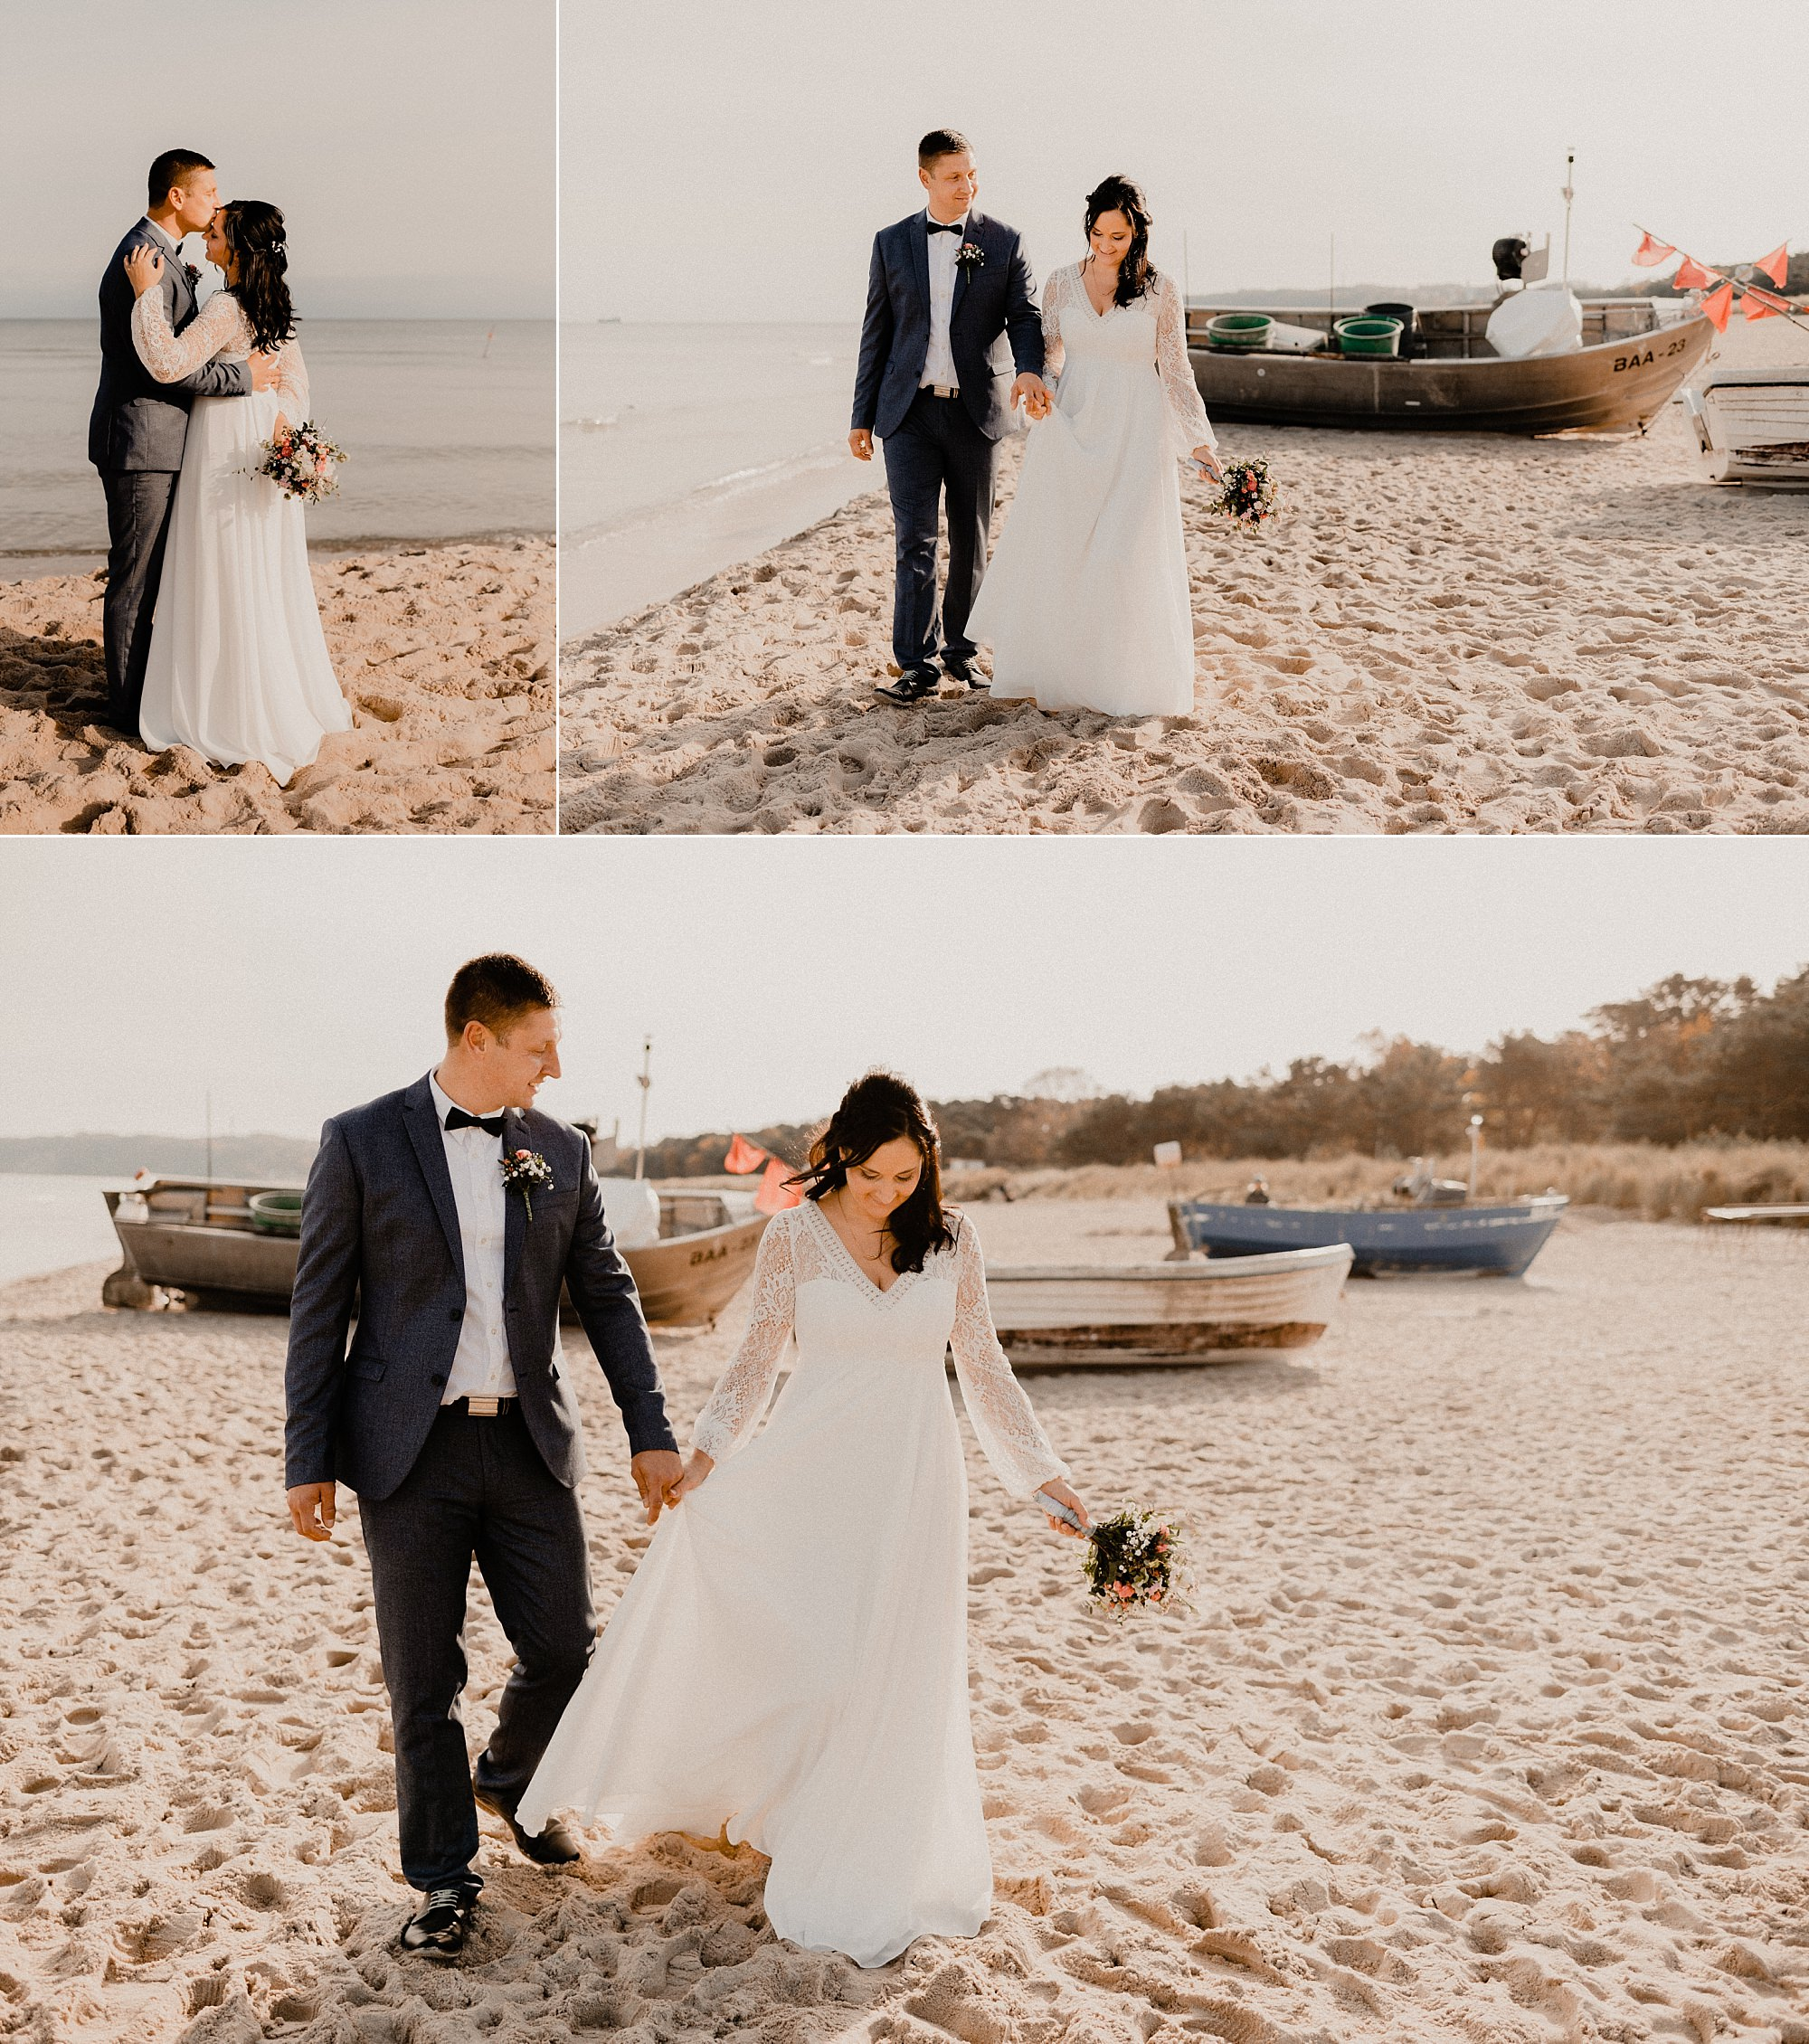 Hochzeitsfotograf Gut Groß Siemen - Hochzeitsfotografie Wasserburg Turow - Hochzeitsfotos Jagdschloss Gelbensande - Hochzeitsfotograf  Hotel Schloss Gamehl - Fotograf Hochzeit Mariandl am Meer